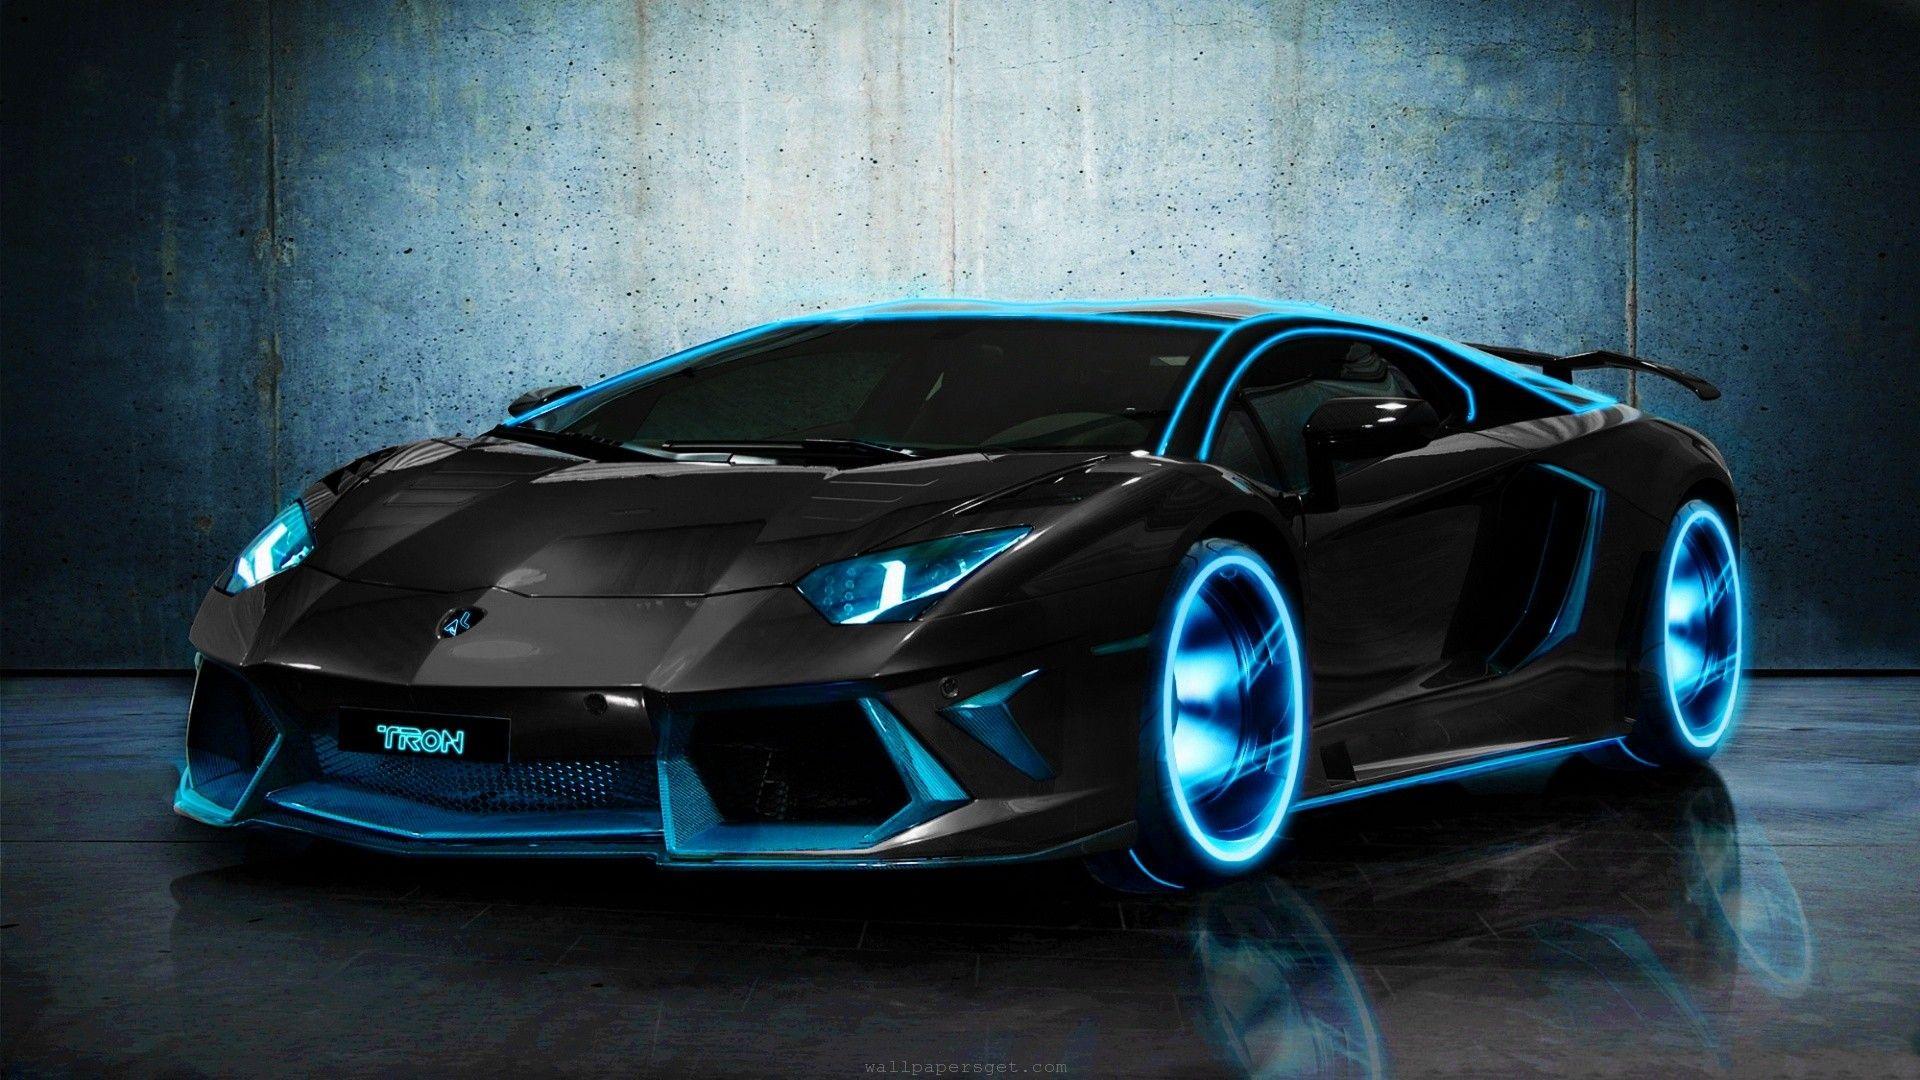 Wallpaper Lamborghini Aventador Supercar Modified Get In Resolution